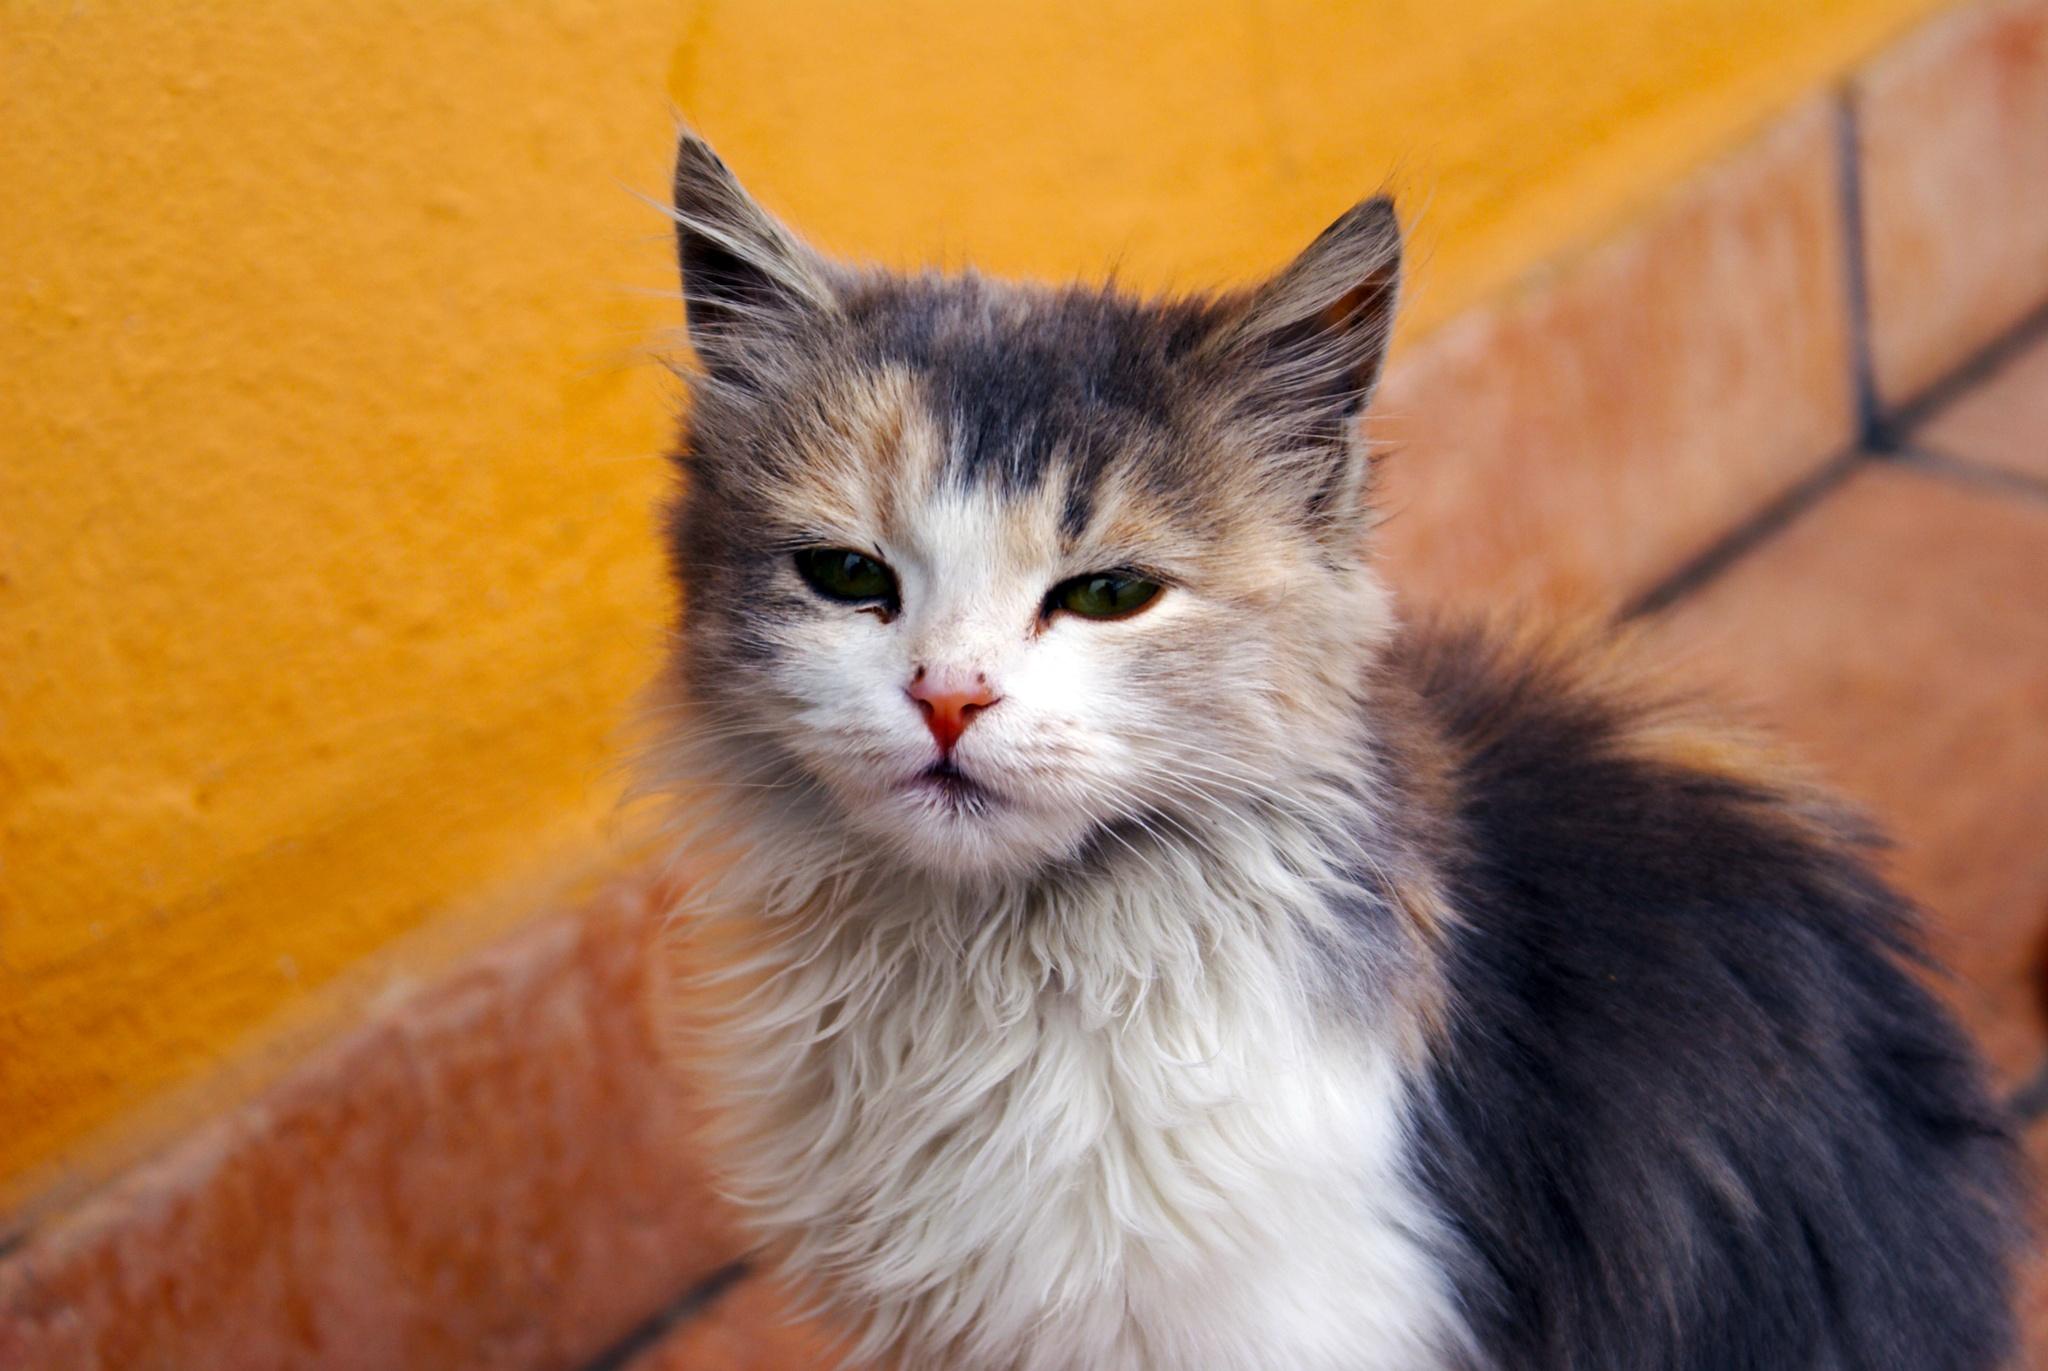 kitten by peppe953